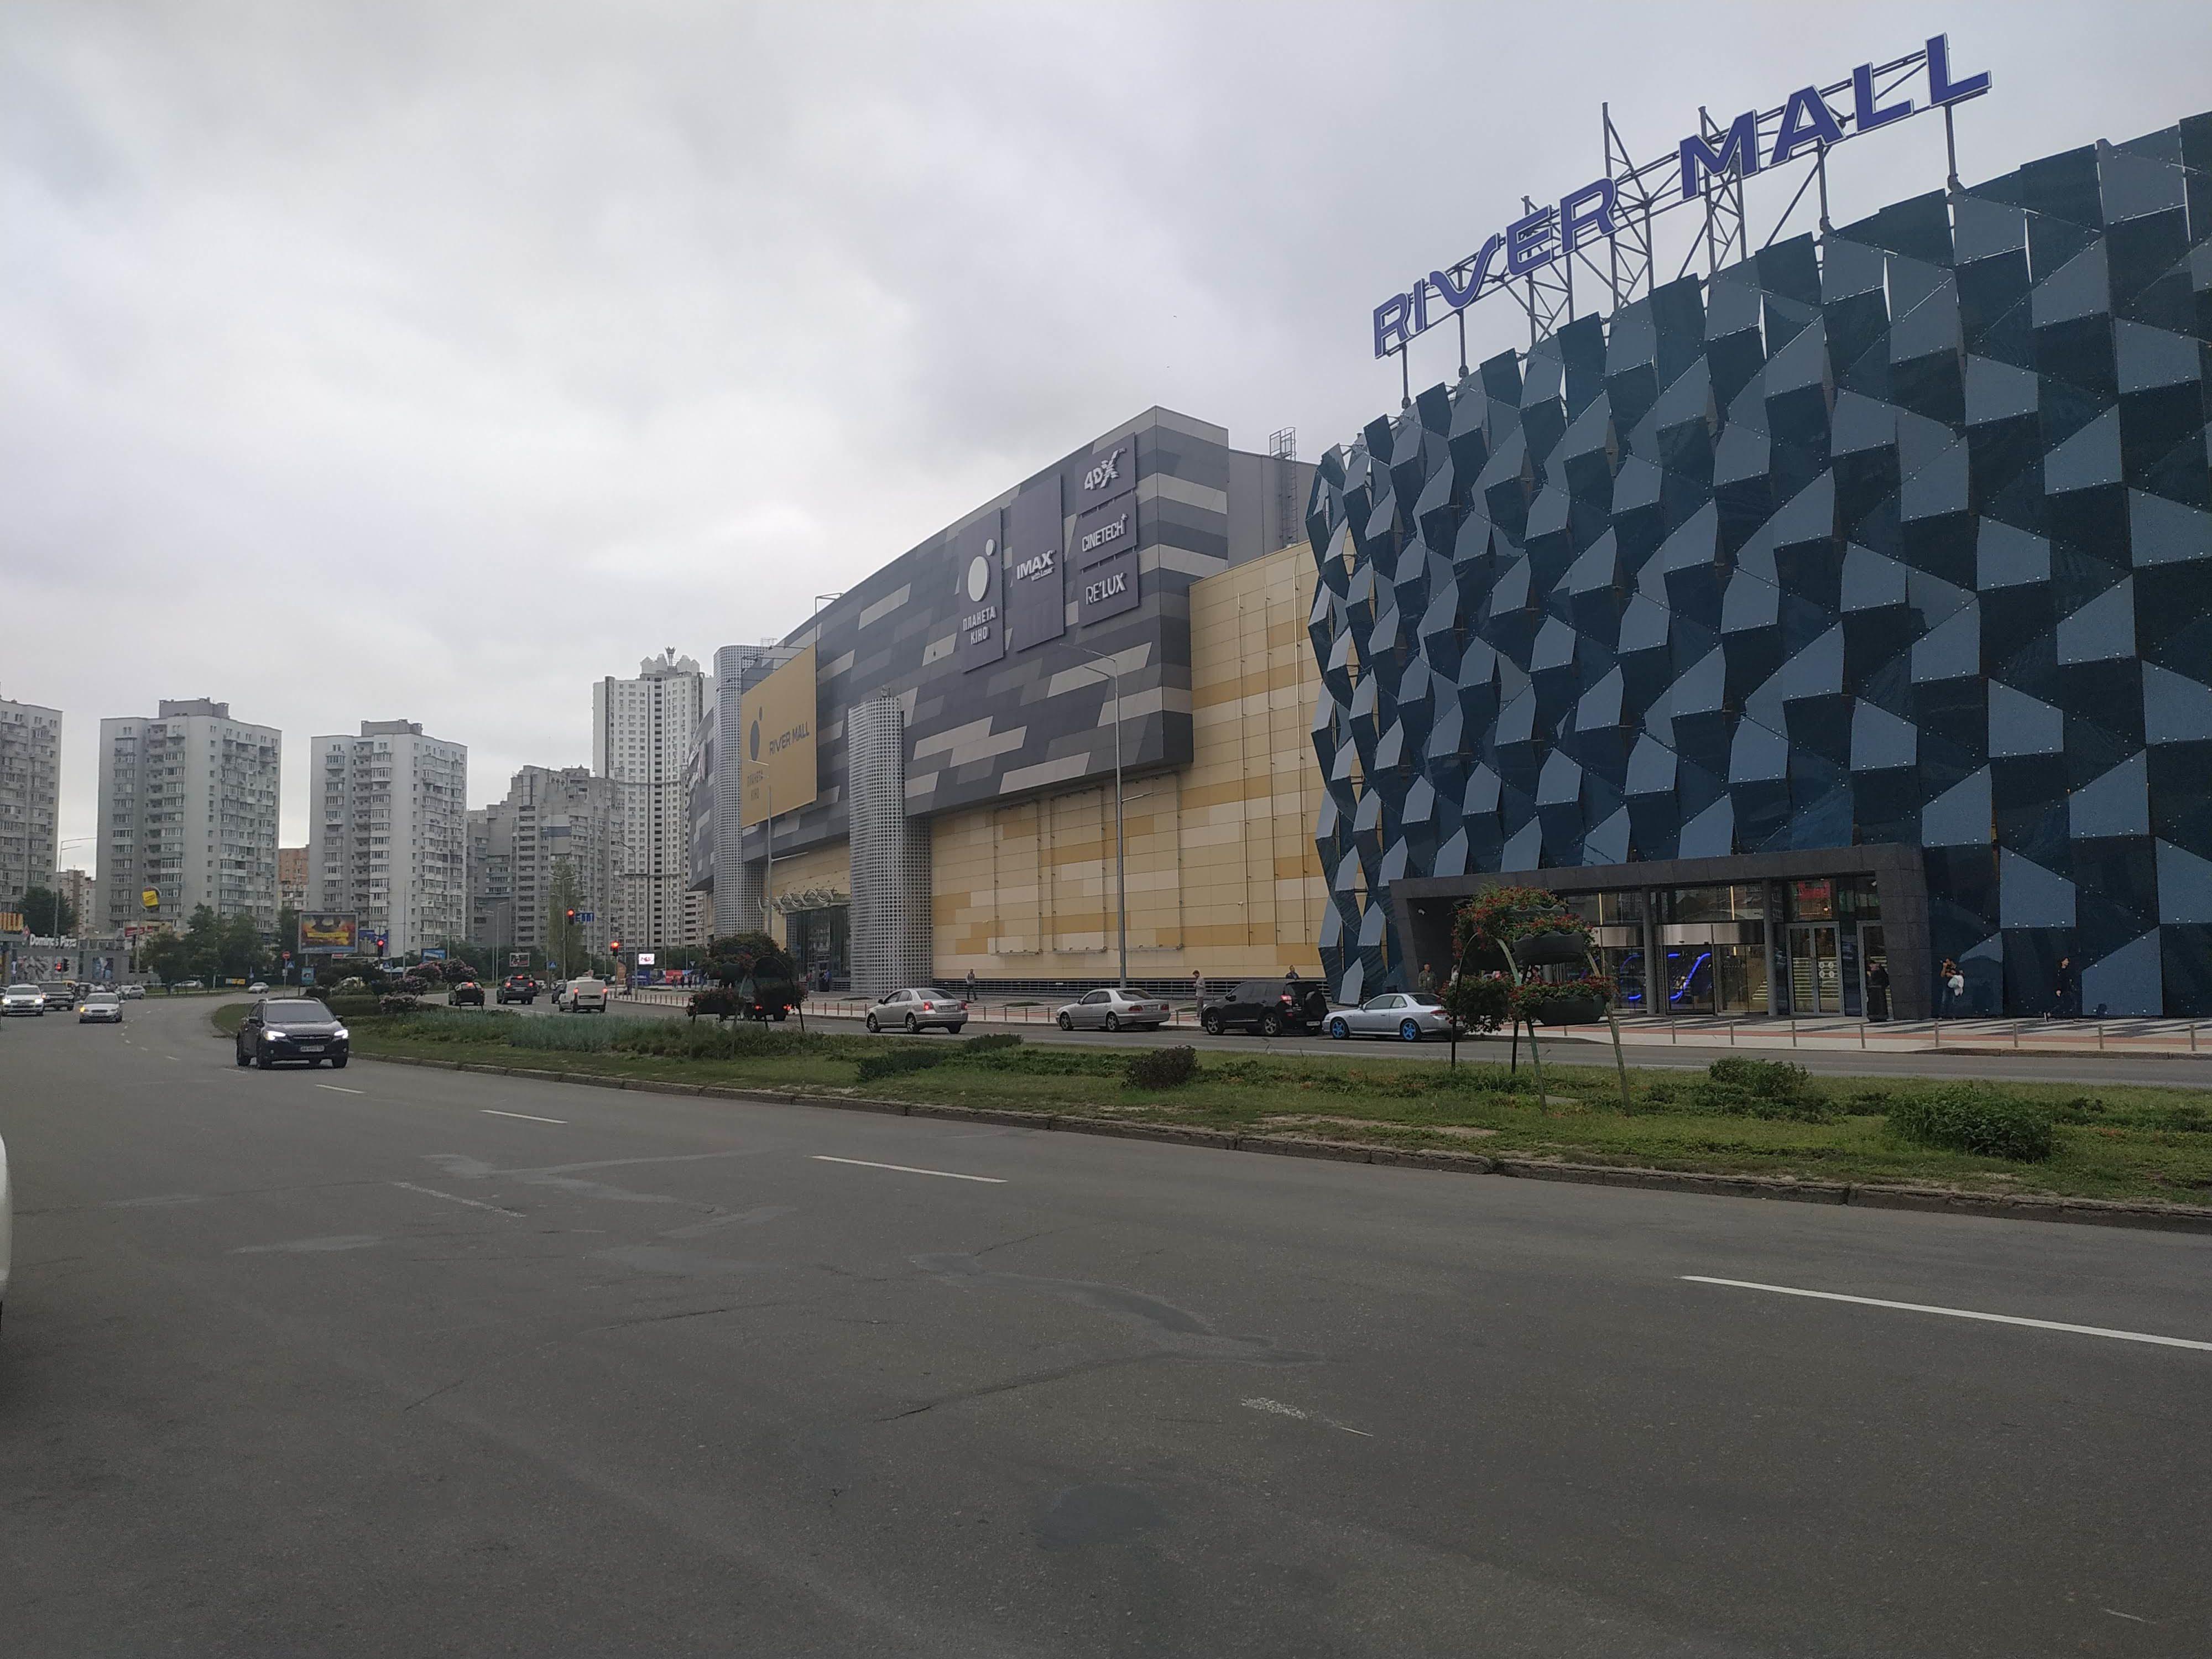 Днепровская набережная в Киеве установлены новые современные опоры освещения Металогальва